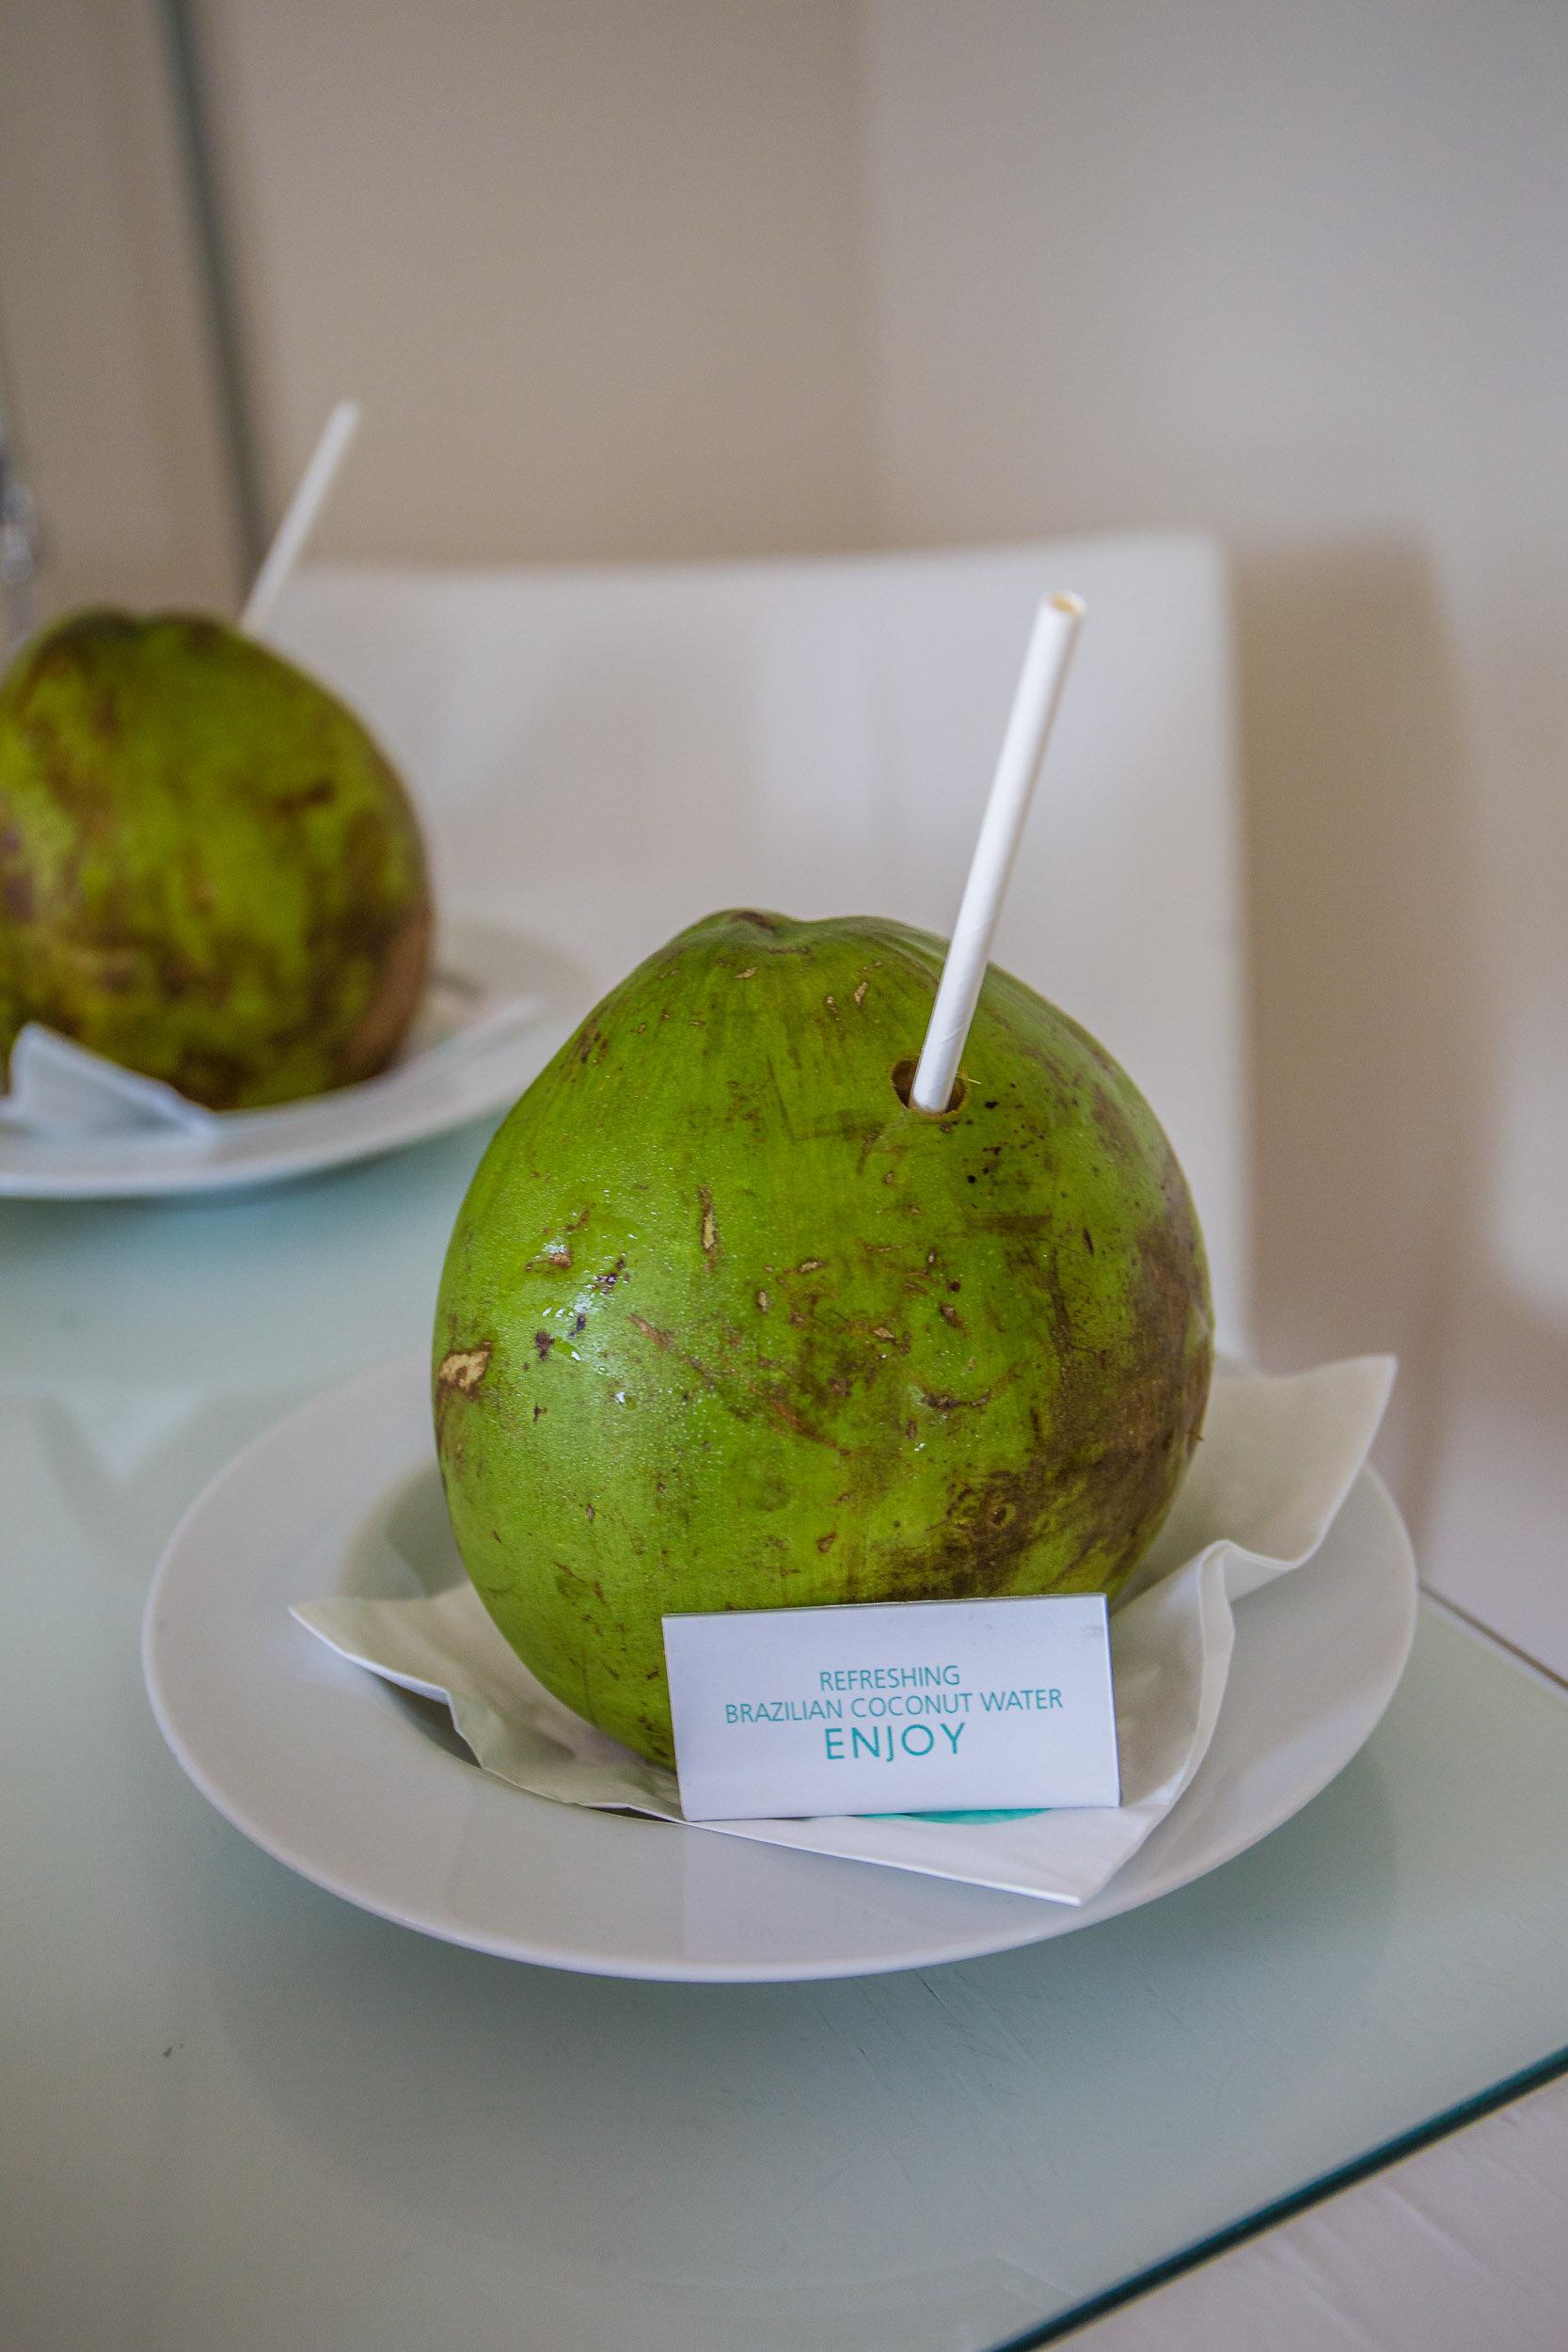 Welcome drink was a fresh Brazilian coconut, Hotel Unique, Sao Paulo, Brazil